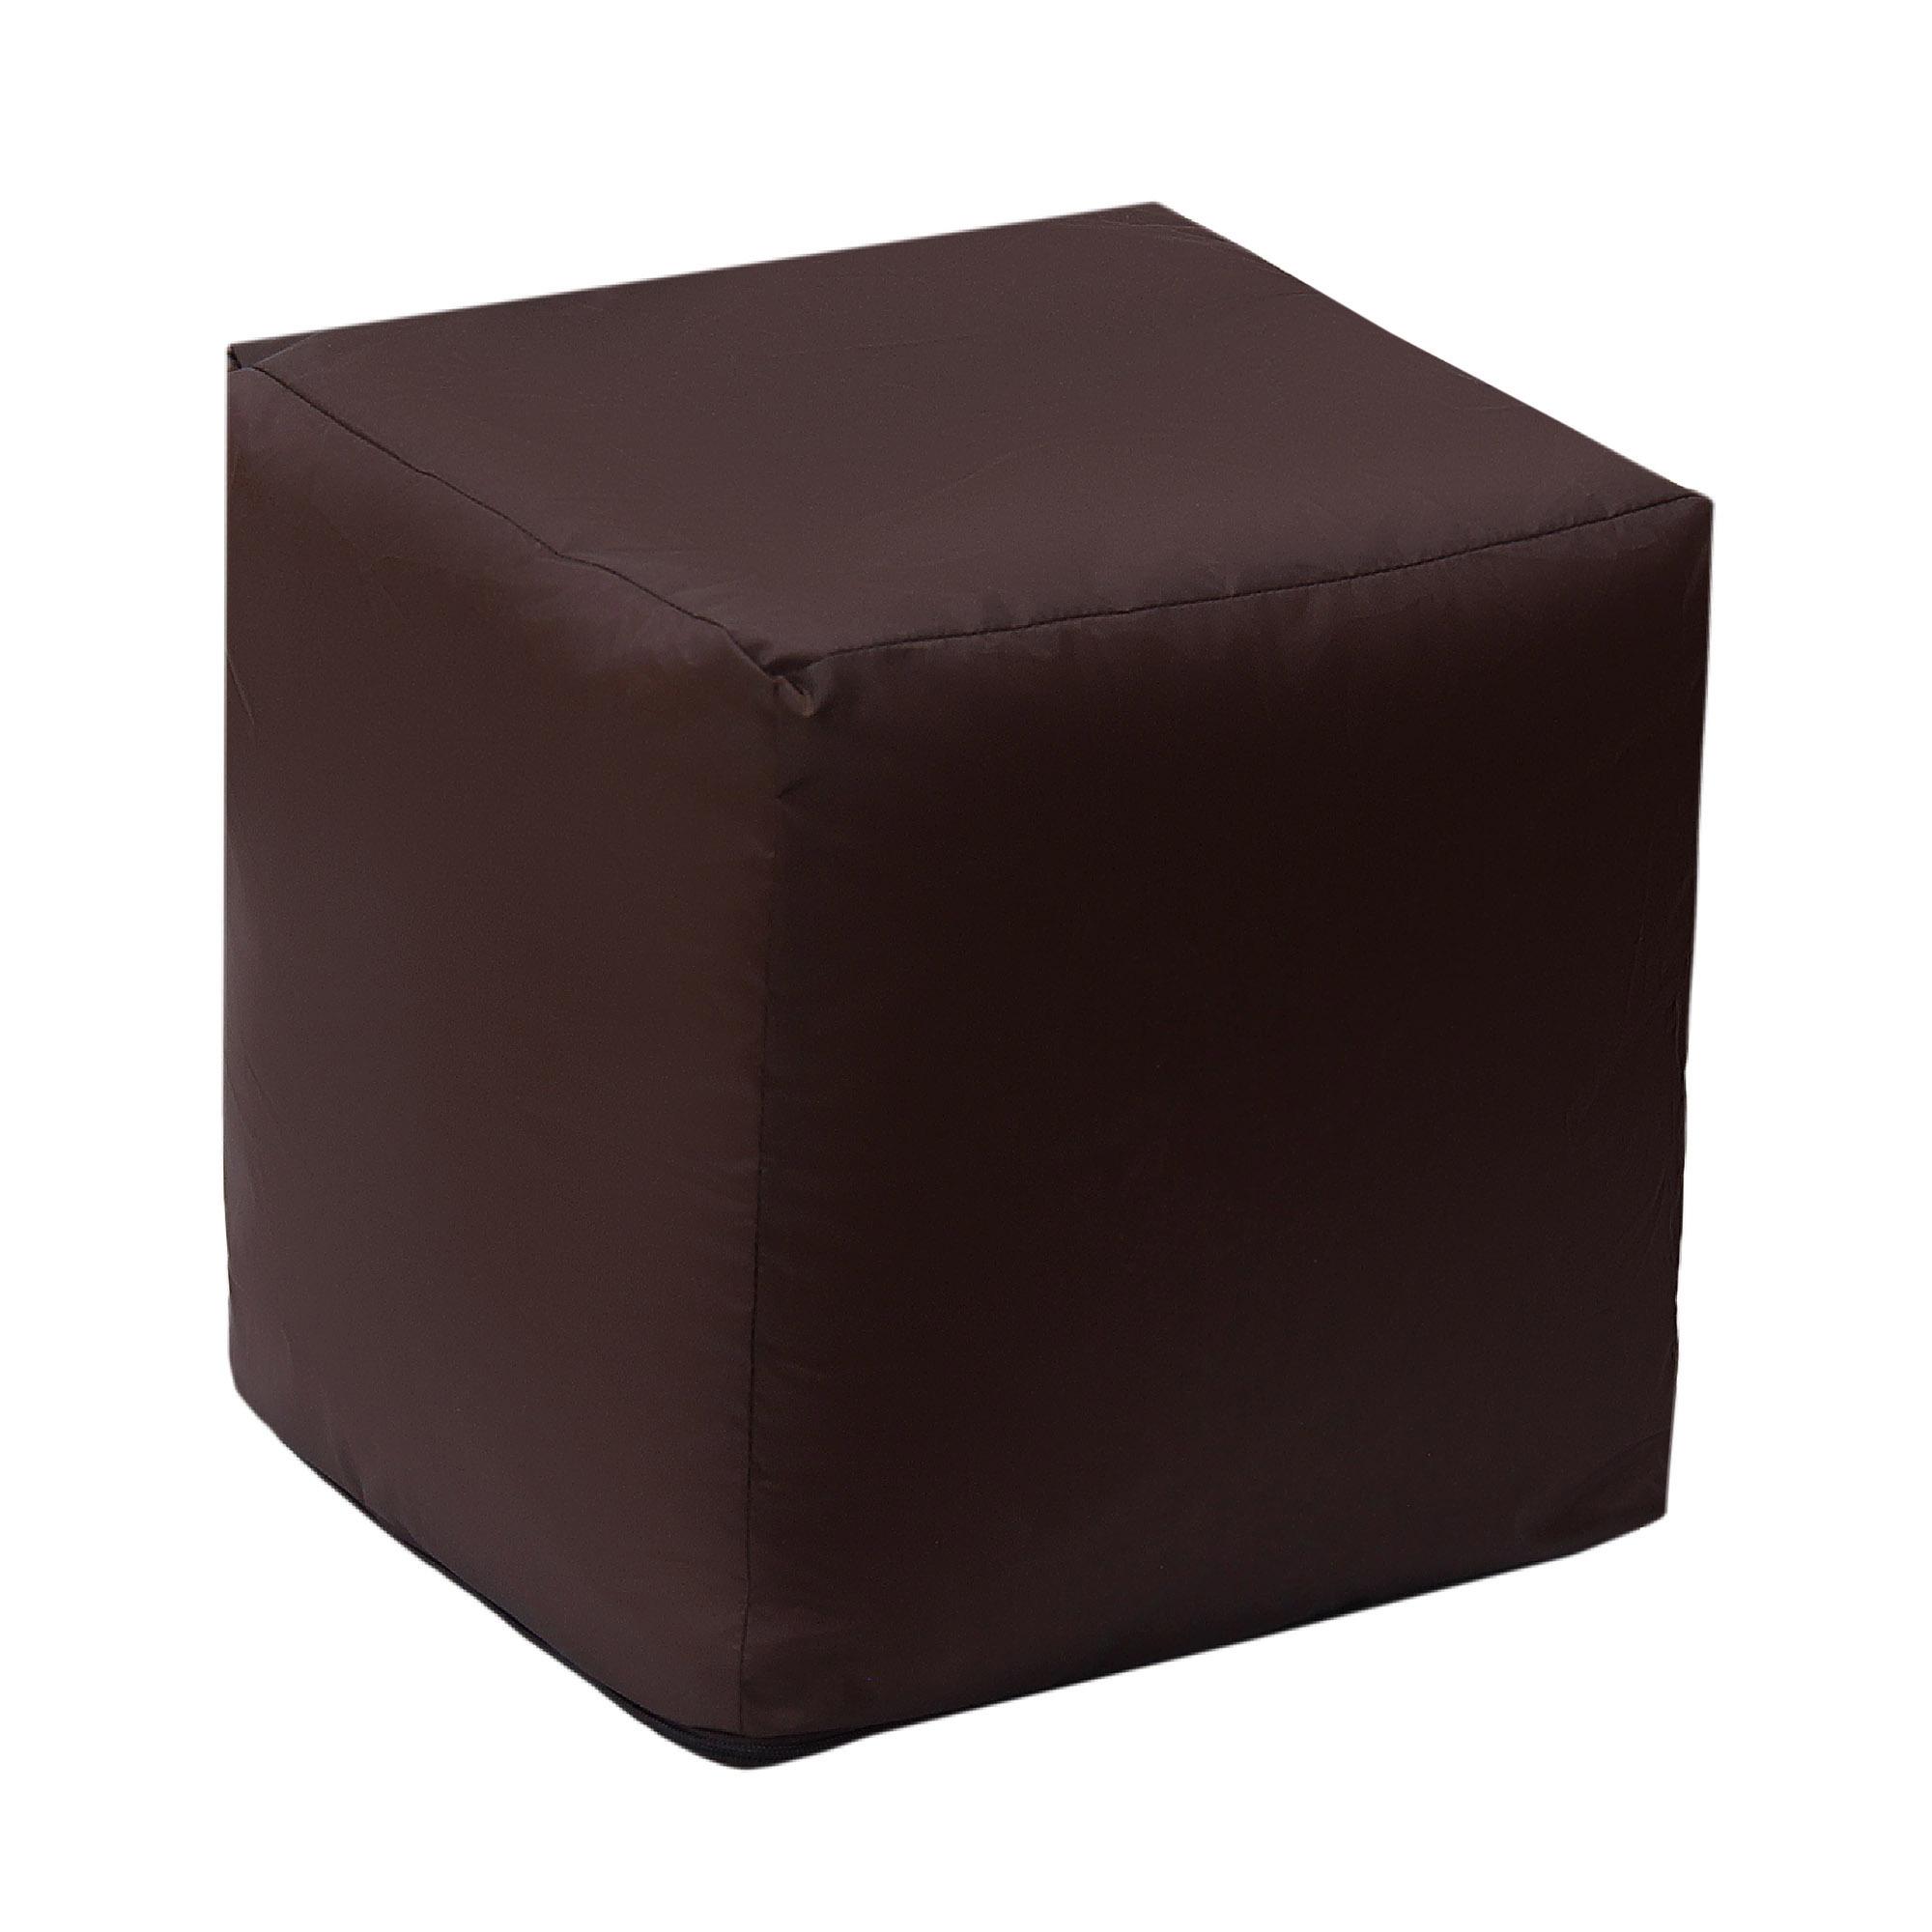 Кубик коричневый бескаркасный Dreambag Фьюжн